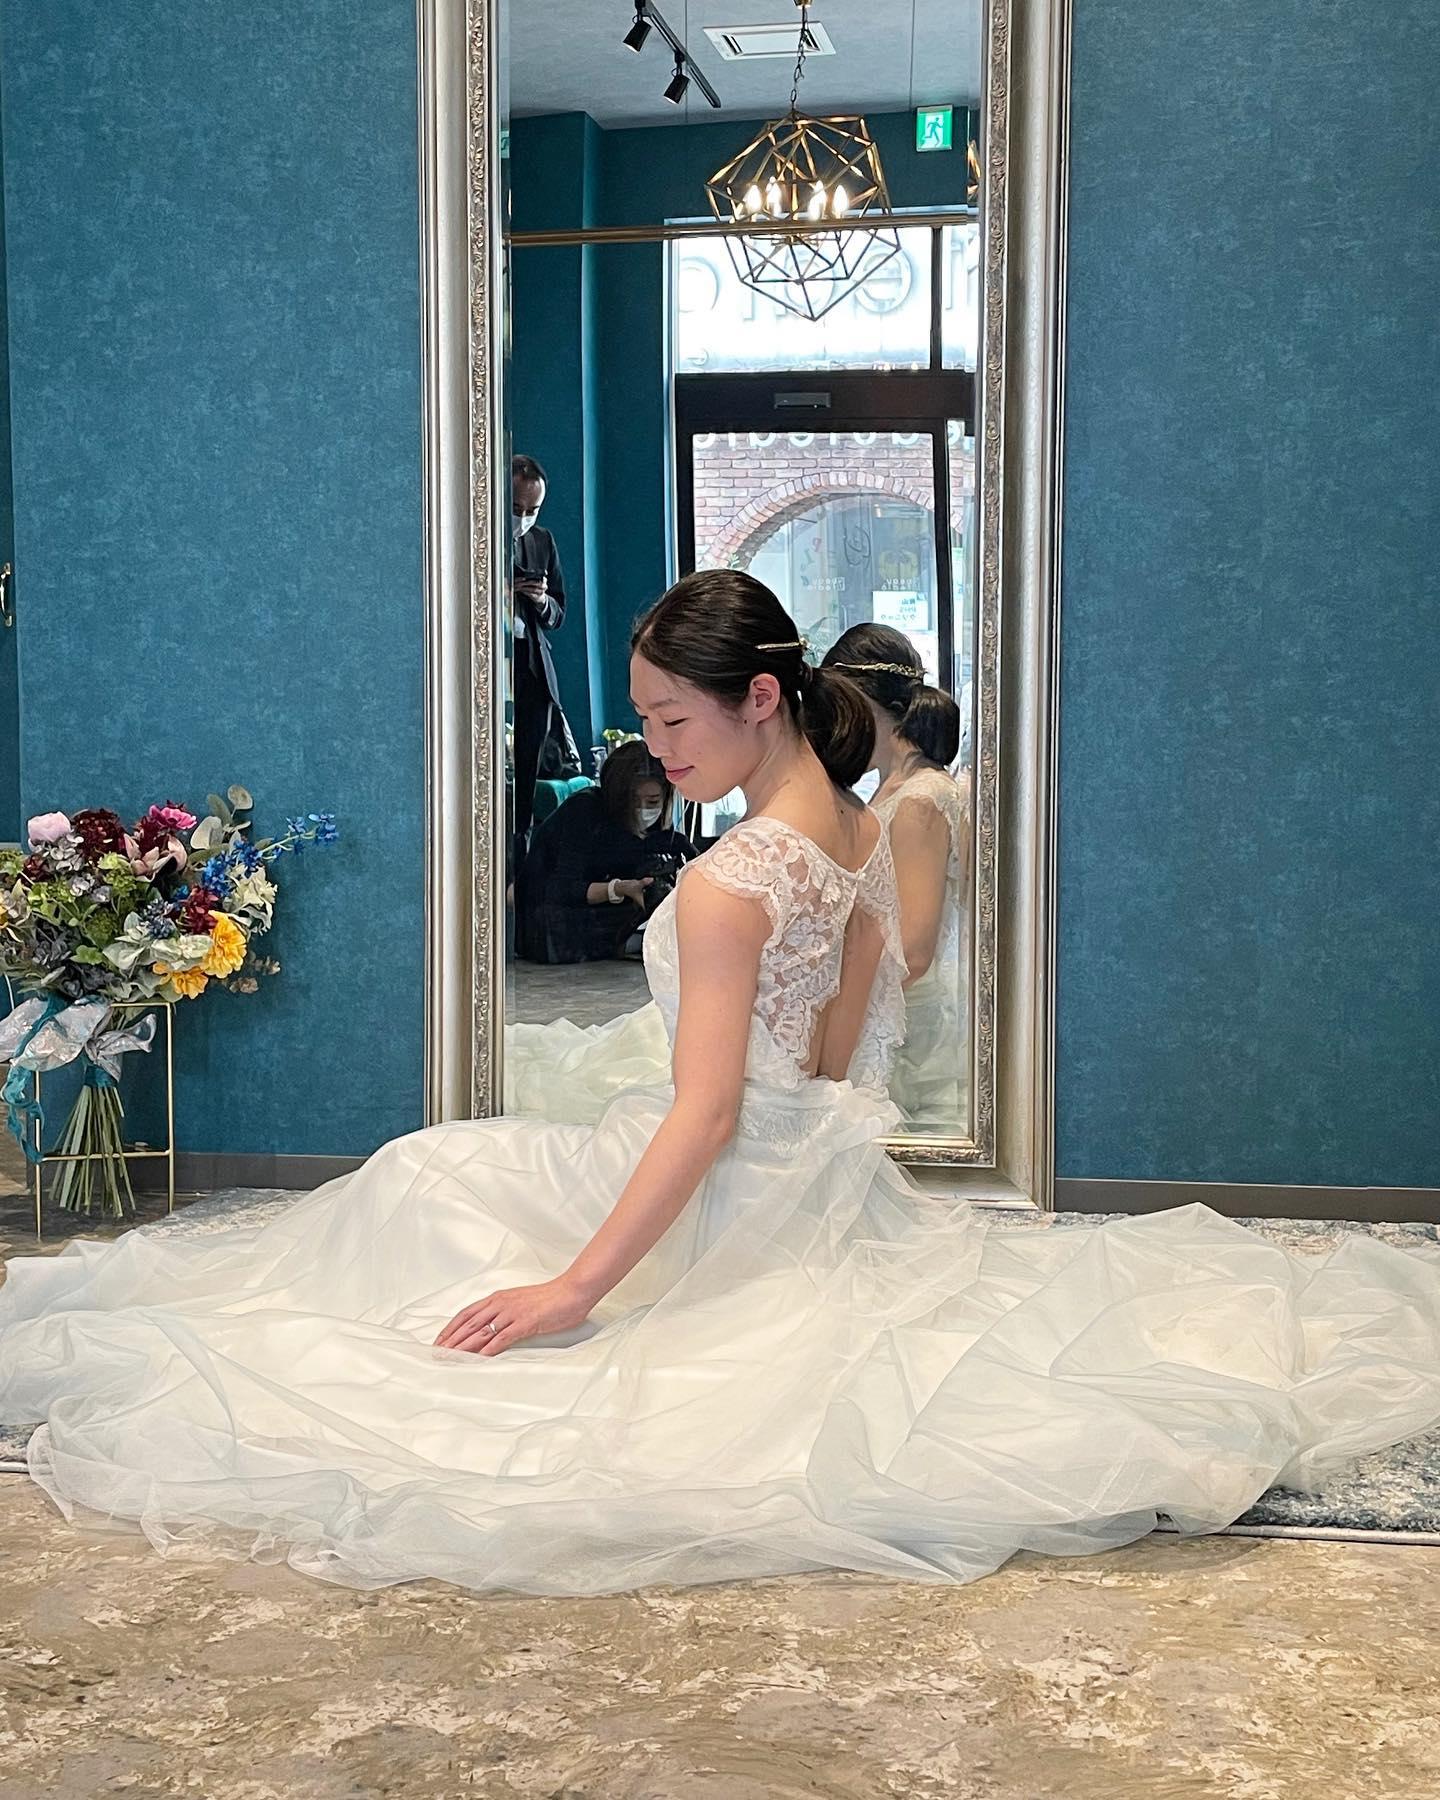 ・今日は先日のイベントの撮影の様子をご紹介人気のフォトウエディング会社「ONESTYLE」 @onestylewedding Clarasの初のコラボイベントでした🕊・可愛らしい雰囲気のご新婦様にピッタリのドレスふんわりとした優しい素材感も更に引き立ちますねスカートにはうっすらとブルーのチュールが・最近はカラードレスではなく白ドレスでお色直しする方も増えています花嫁しか着れないウェディングドレスを心ゆくまで楽しんでほしいです♀️・#wedding #weddingdress #instagood #instalike #claras #paris #vowrenewal#ウェディングドレス #プレ花嫁 #ドレス試着 #ドレス迷子#2021冬婚 #ヘアメイク #結婚式  #ドレス選び #前撮り #インポートドレス #フォトウェディング #ウェディングヘア  #フォト婚 #ニューノーマル #ブライダルフォト #カップルフォト #ウェディングドレス探し #ウェディングドレス試着 #セルドレス #ドレスショップ #バウリニューアル #コラボイベント #試着レポ